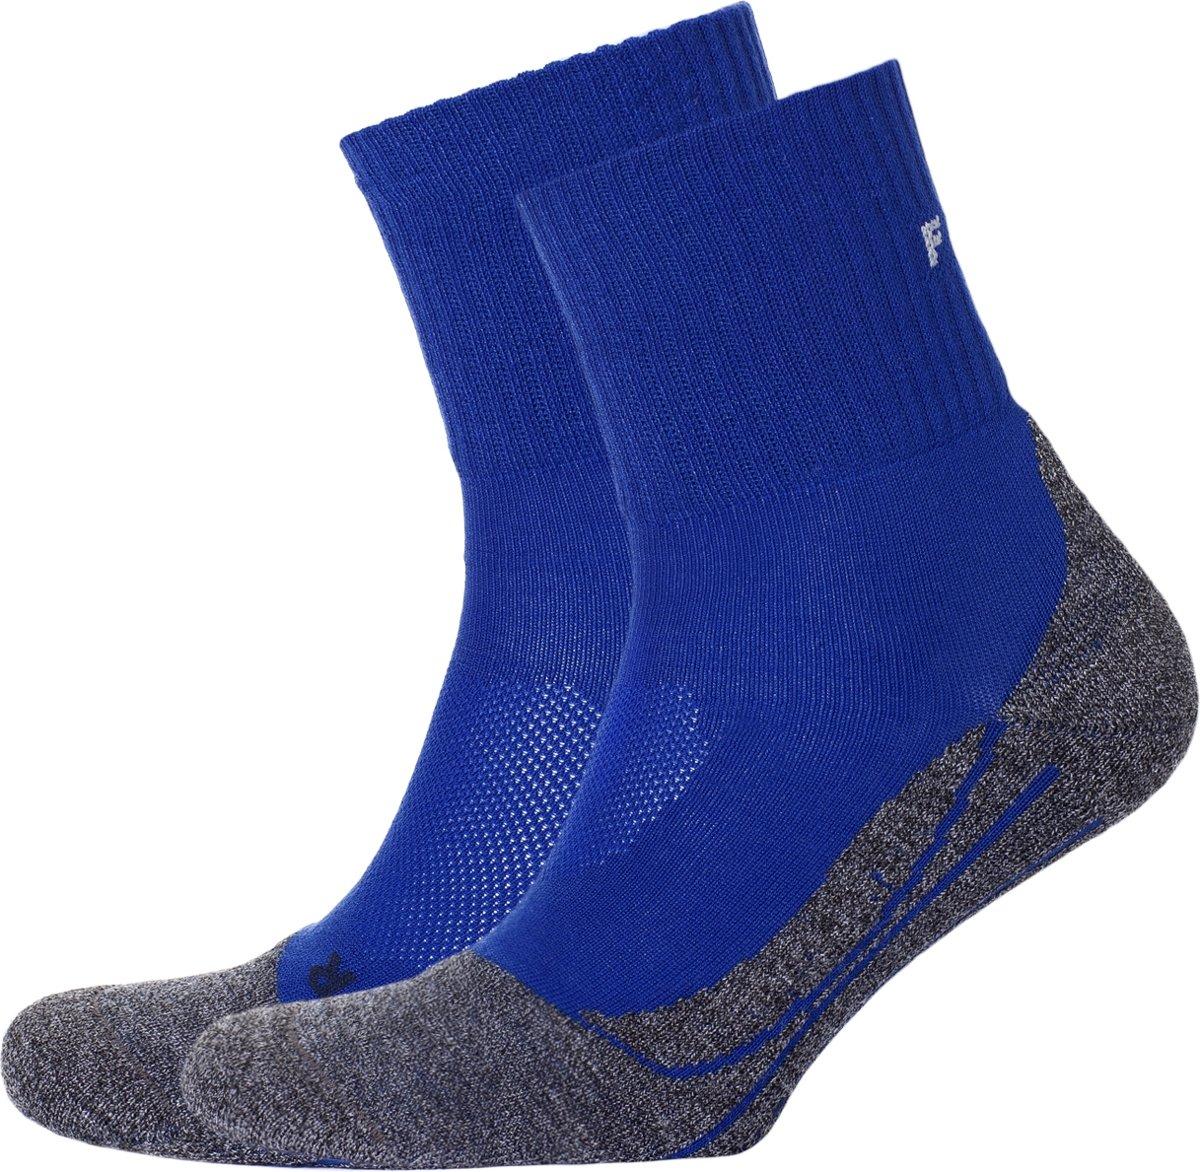 Falke TK2 Short cool heren wandelsokken - kobaltblauw kopen